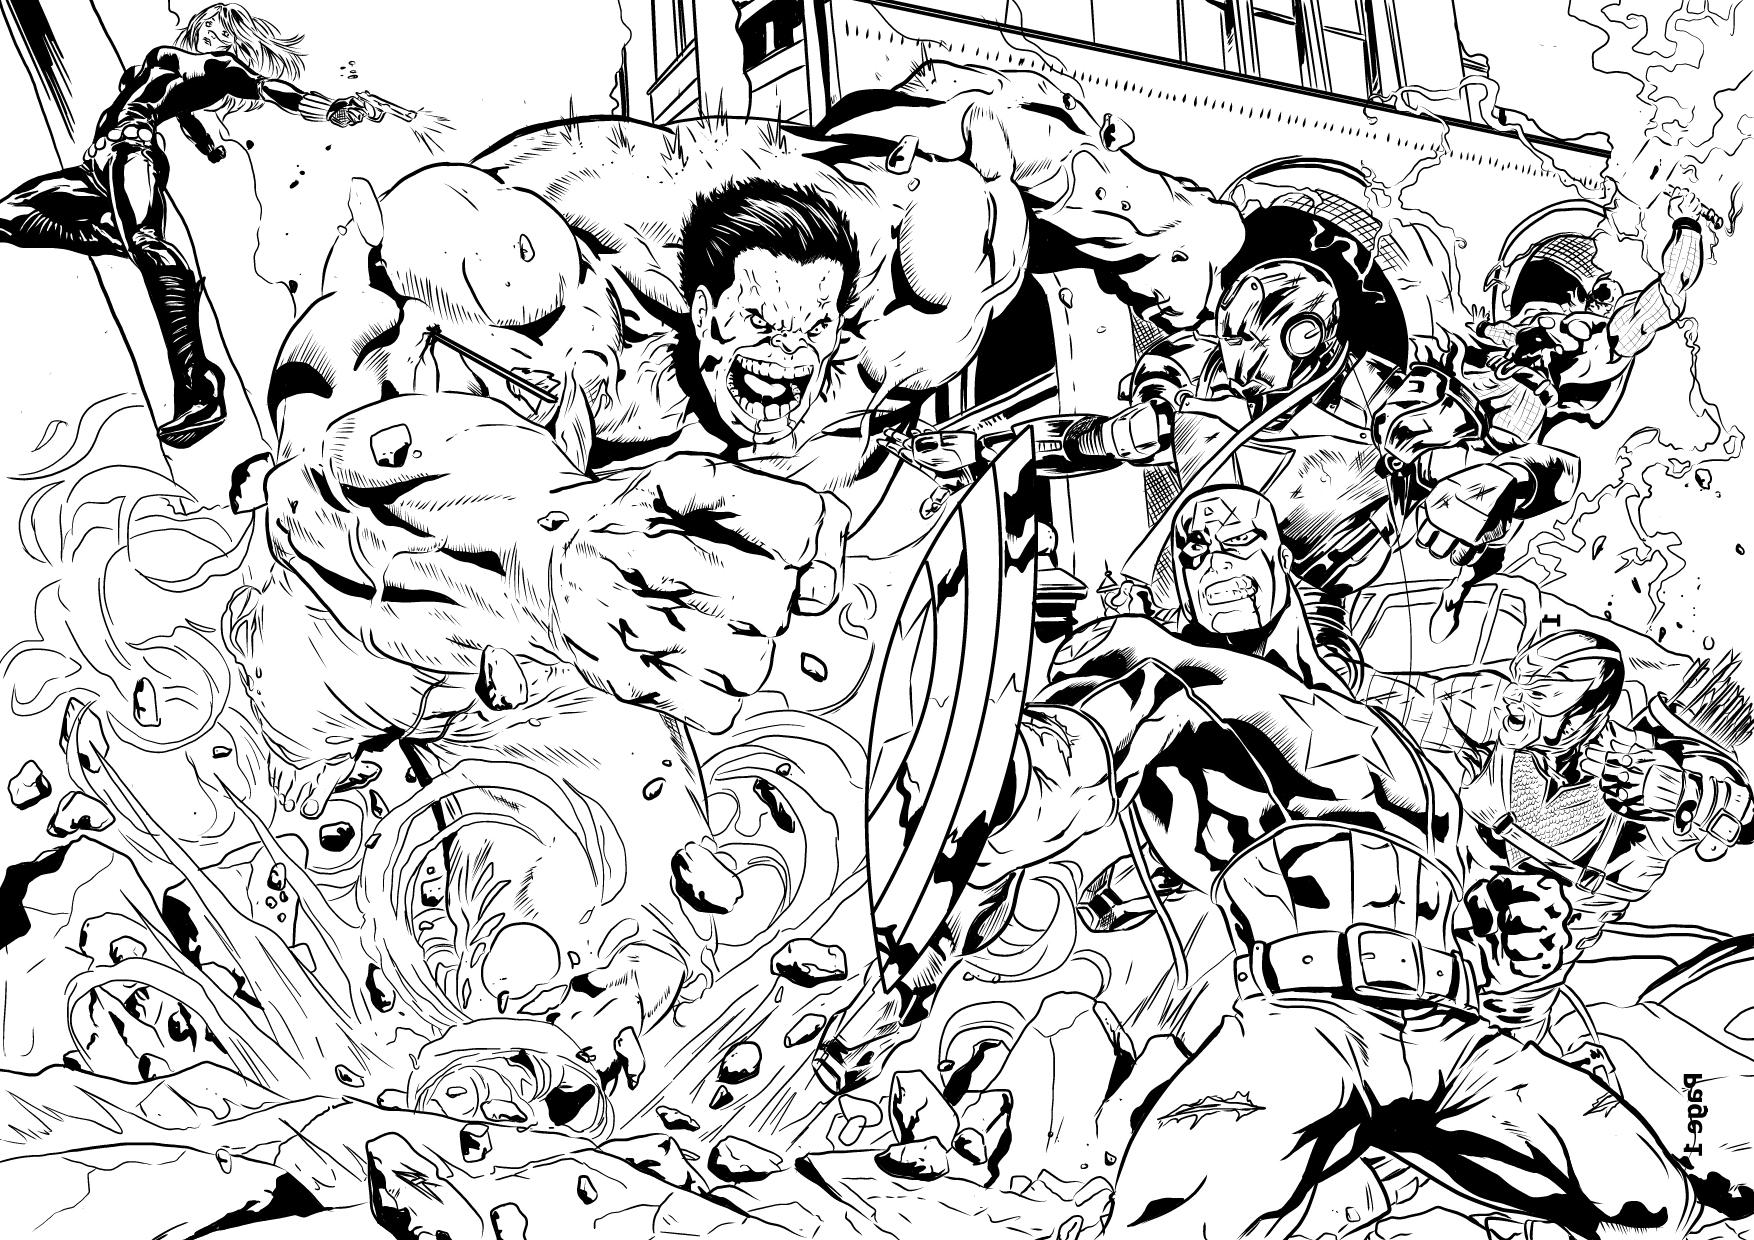 Impressionnant Dessin A Colorier Des Avengers